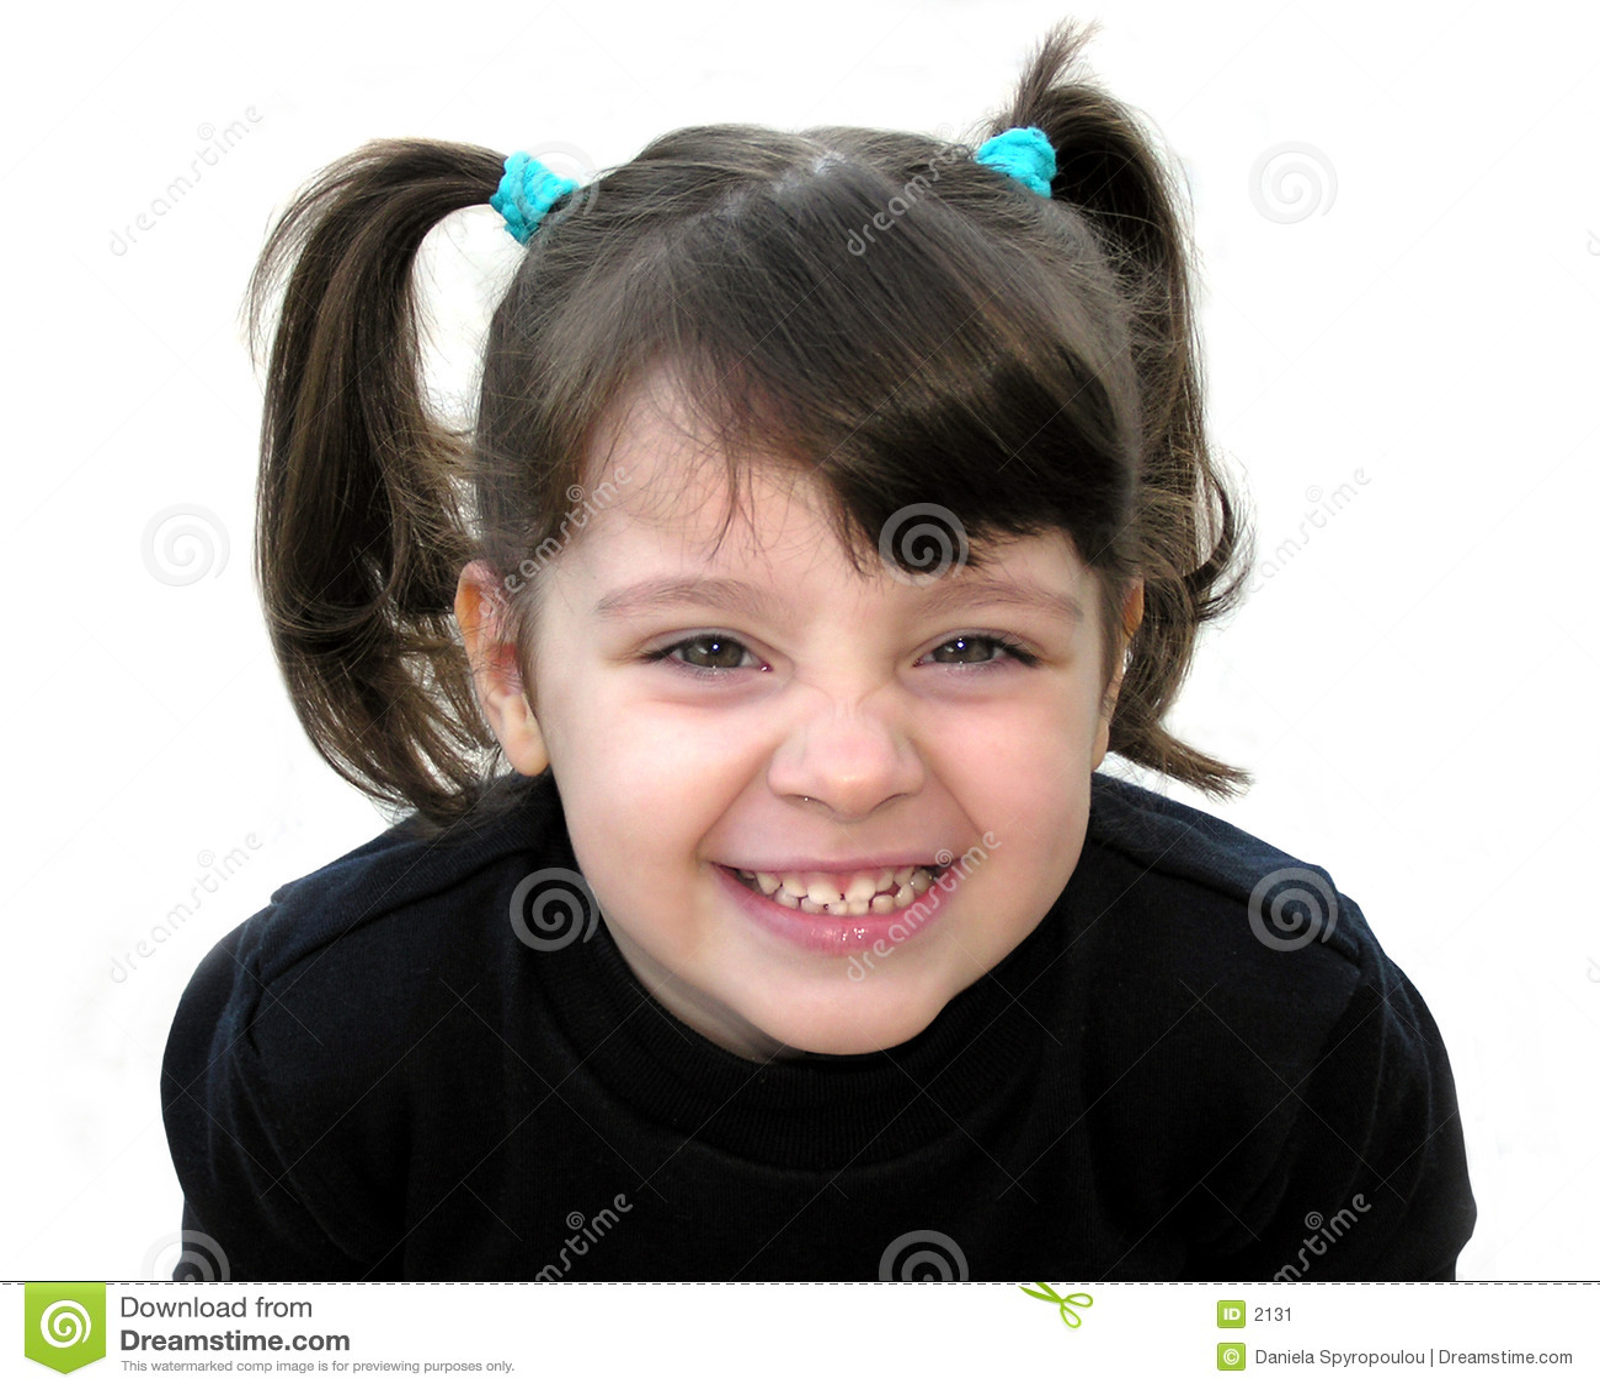 Download Meisje het glimlachen stock afbeelding. Afbeelding bestaande uit uitdrukking - 2131